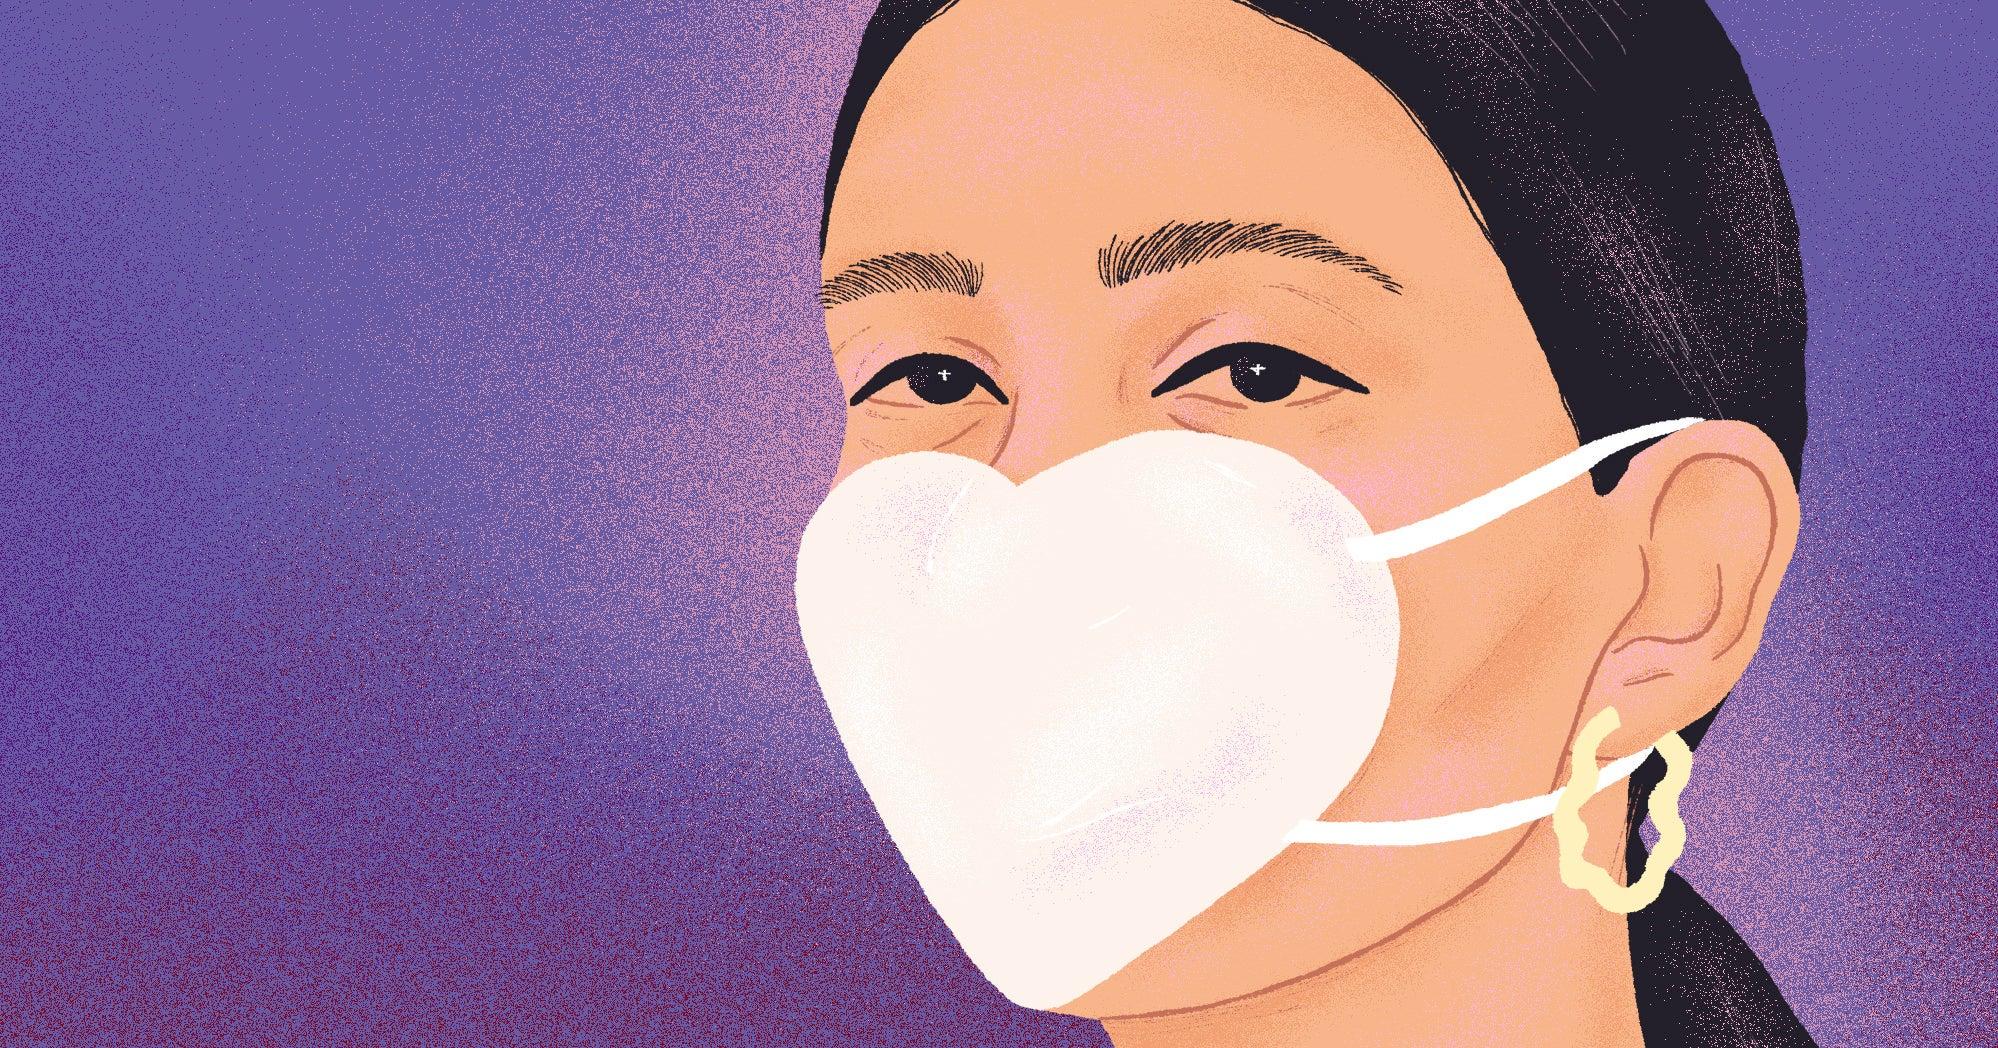 L'intimité à l'ère du Coronavirus